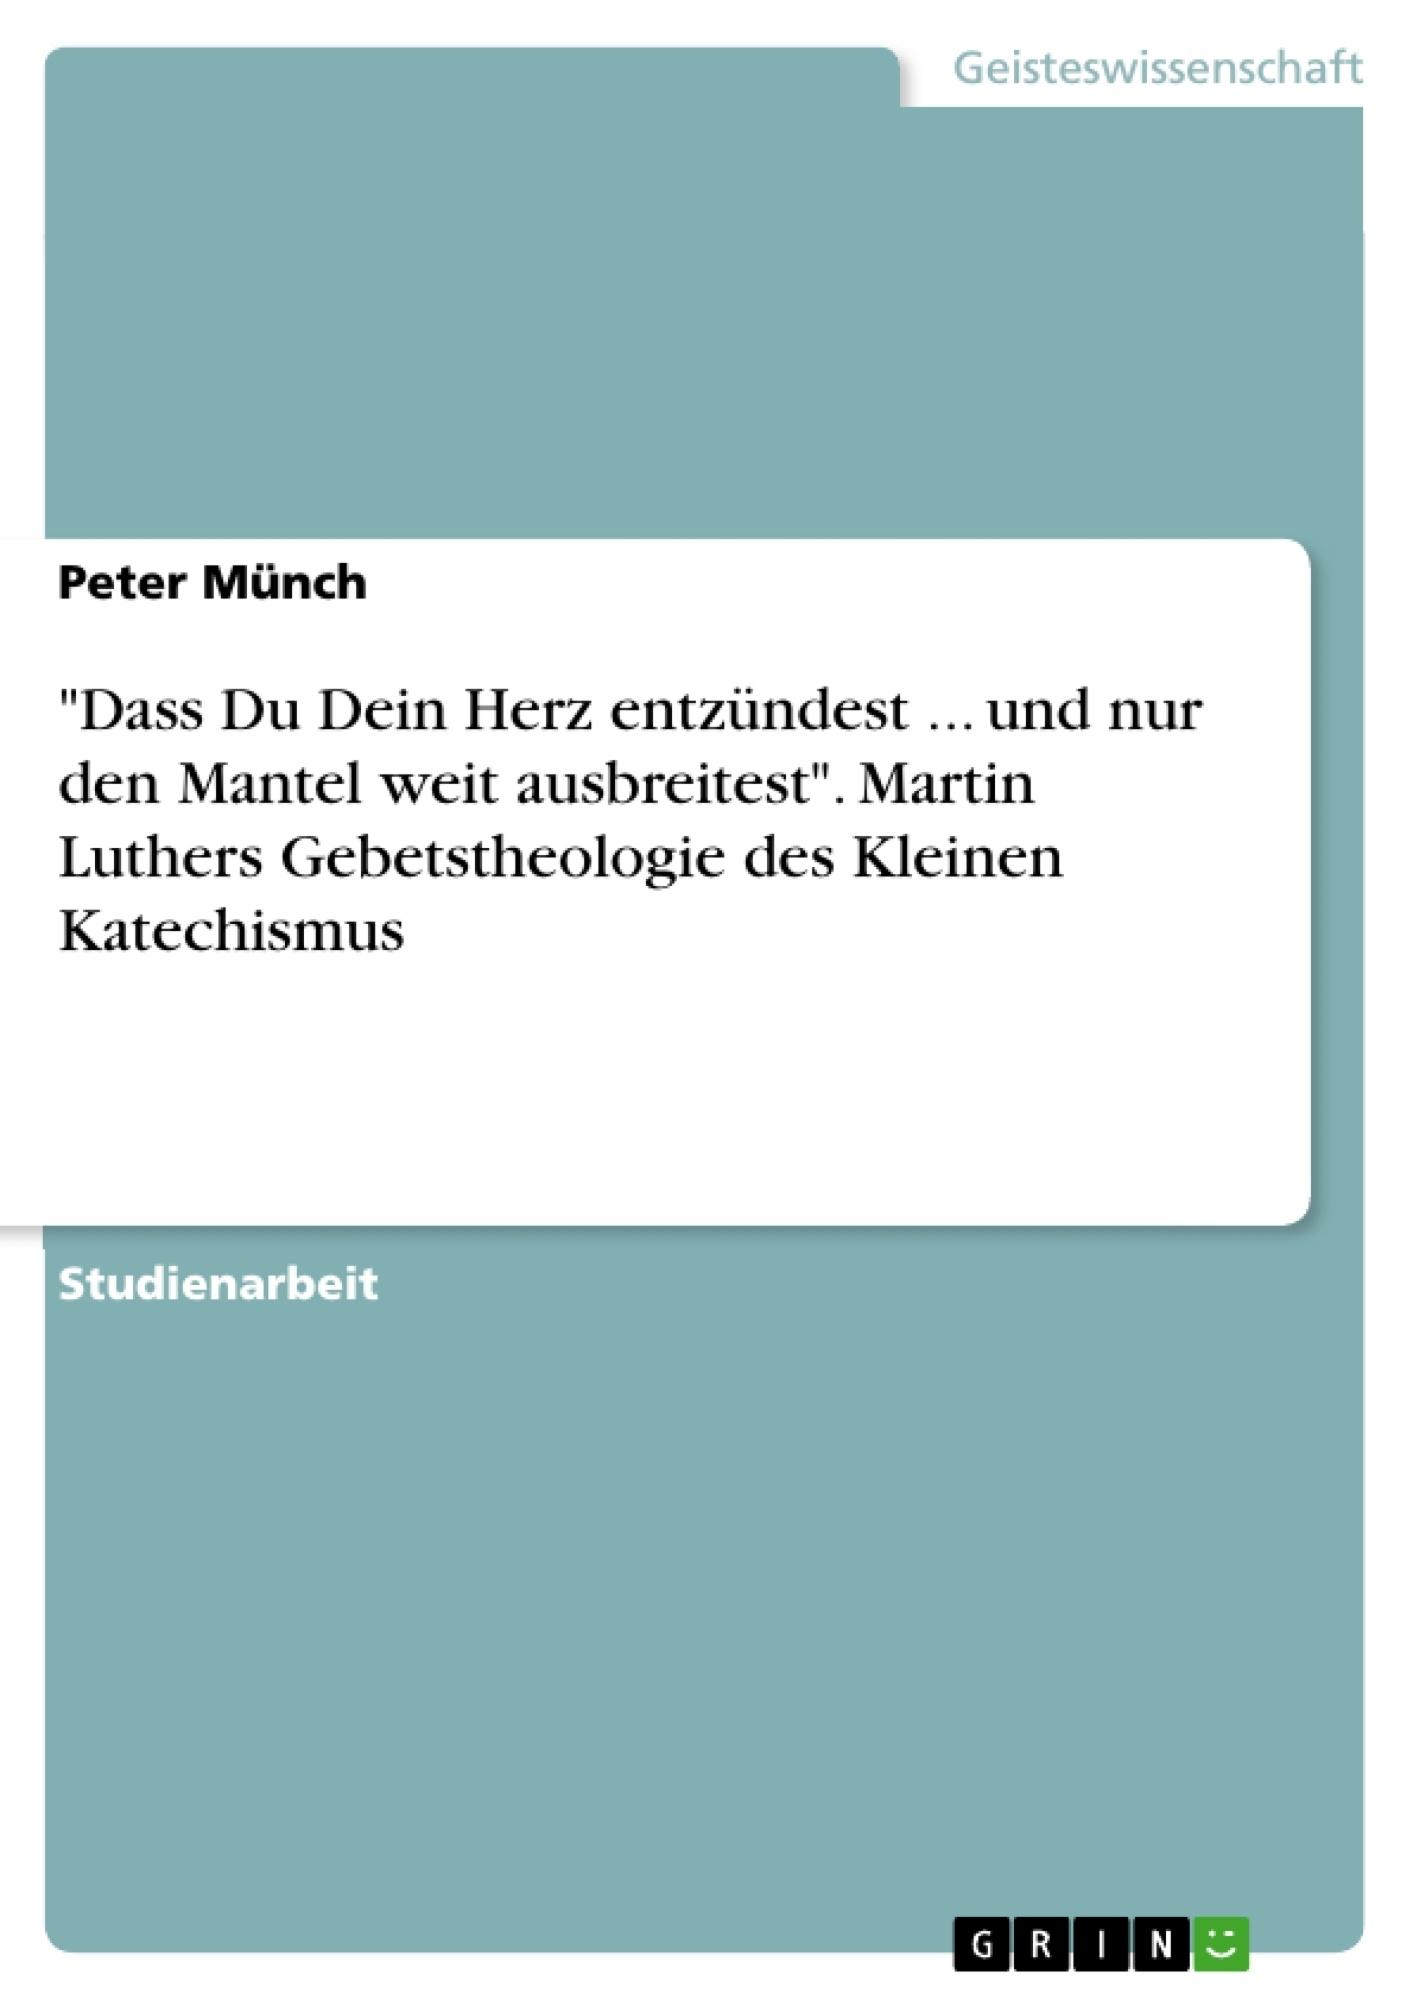 """Titel: """"Dass Du Dein Herz entzündest ... und nur den Mantel weit ausbreitest"""". Martin Luthers Gebetstheologie des Kleinen Katechismus"""